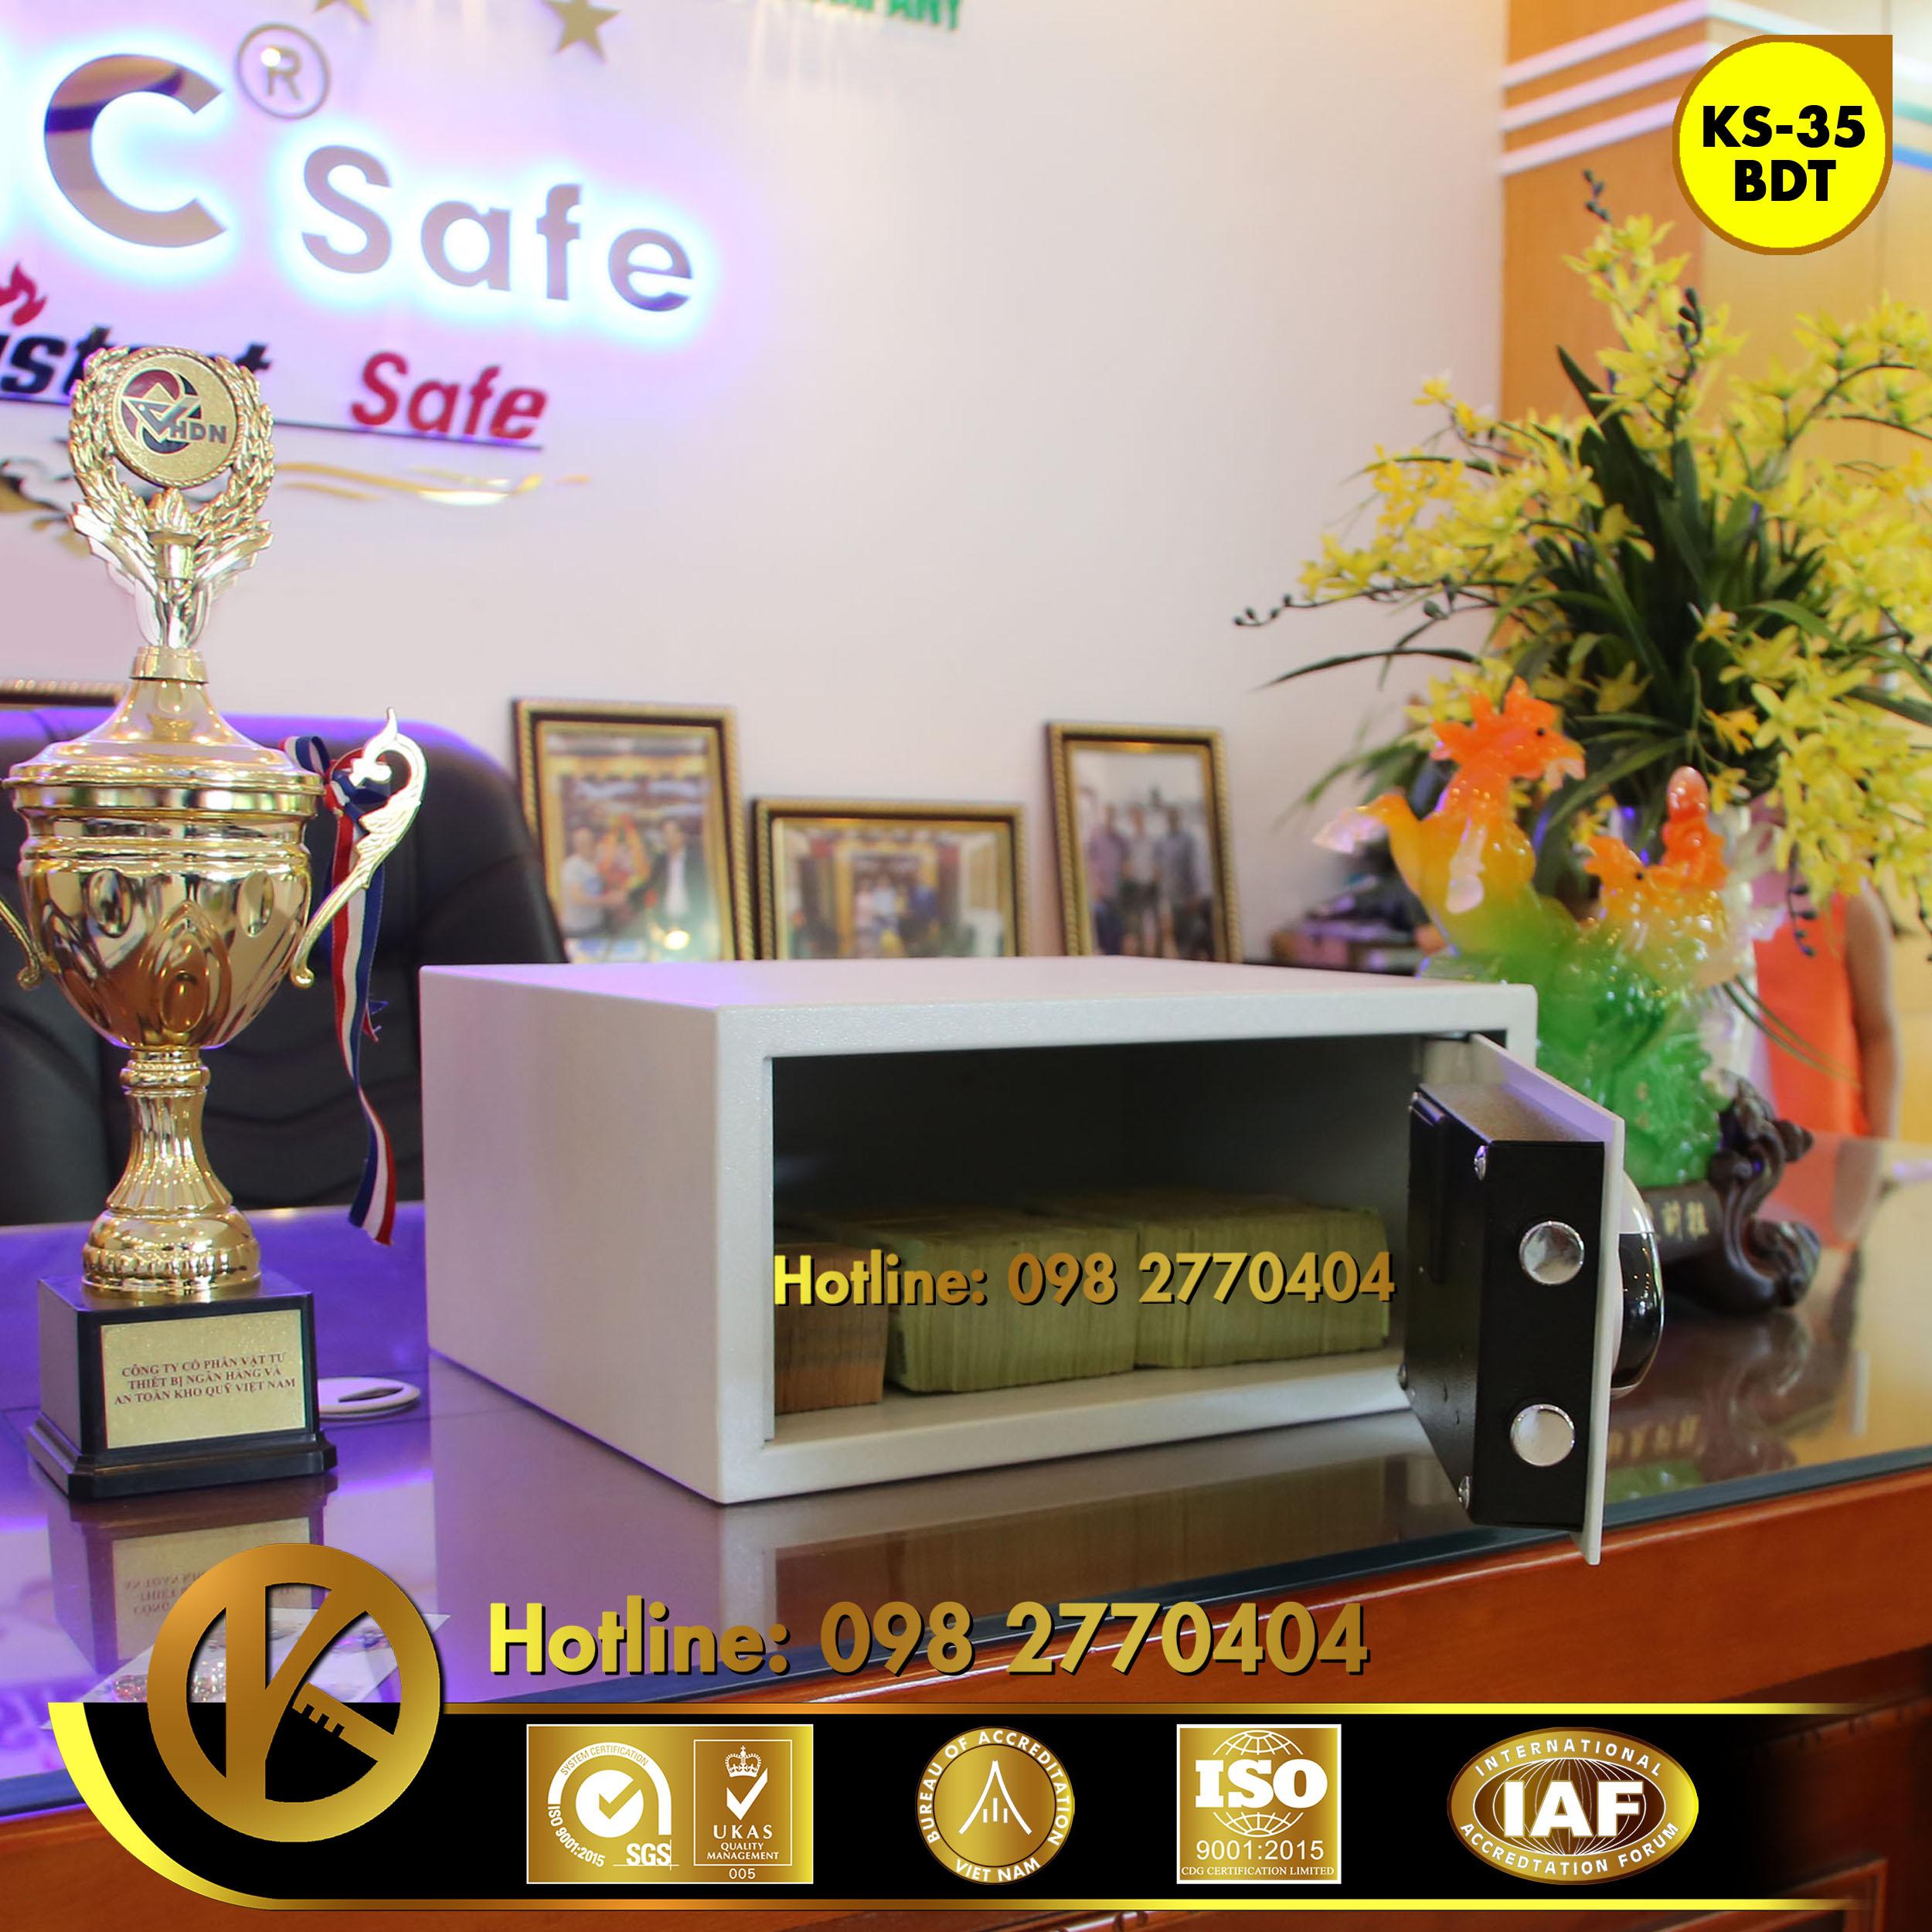 nhà cung cấp Két Sắt Khách Sạn WELKO Hotel SAFE Tỉnh Bình Phước